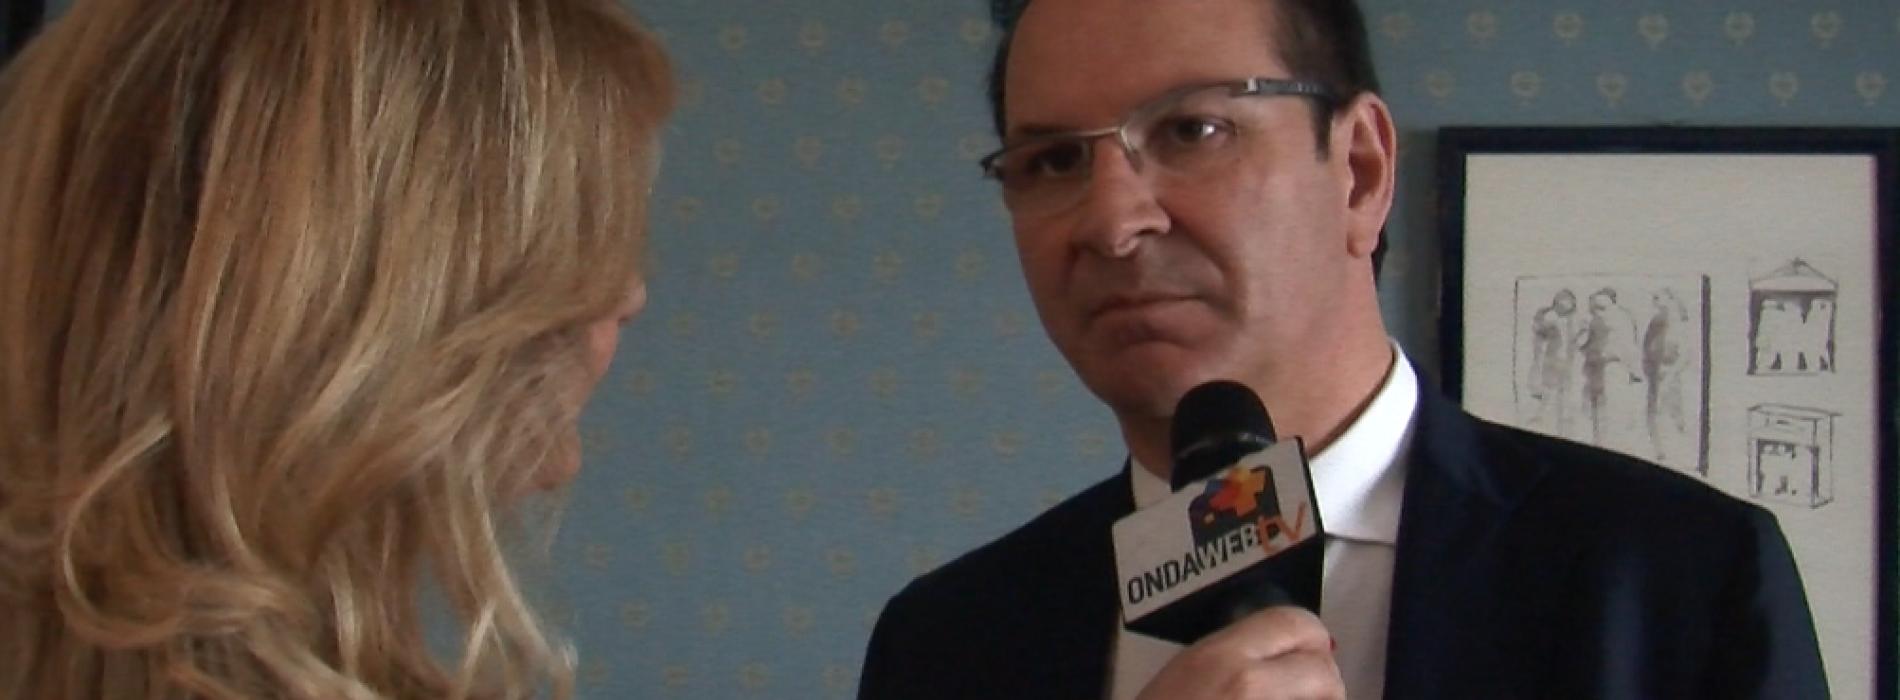 FI. Di Costanzo: il partito riparte da chi si è impegnato nell'ultima campagna elettorale